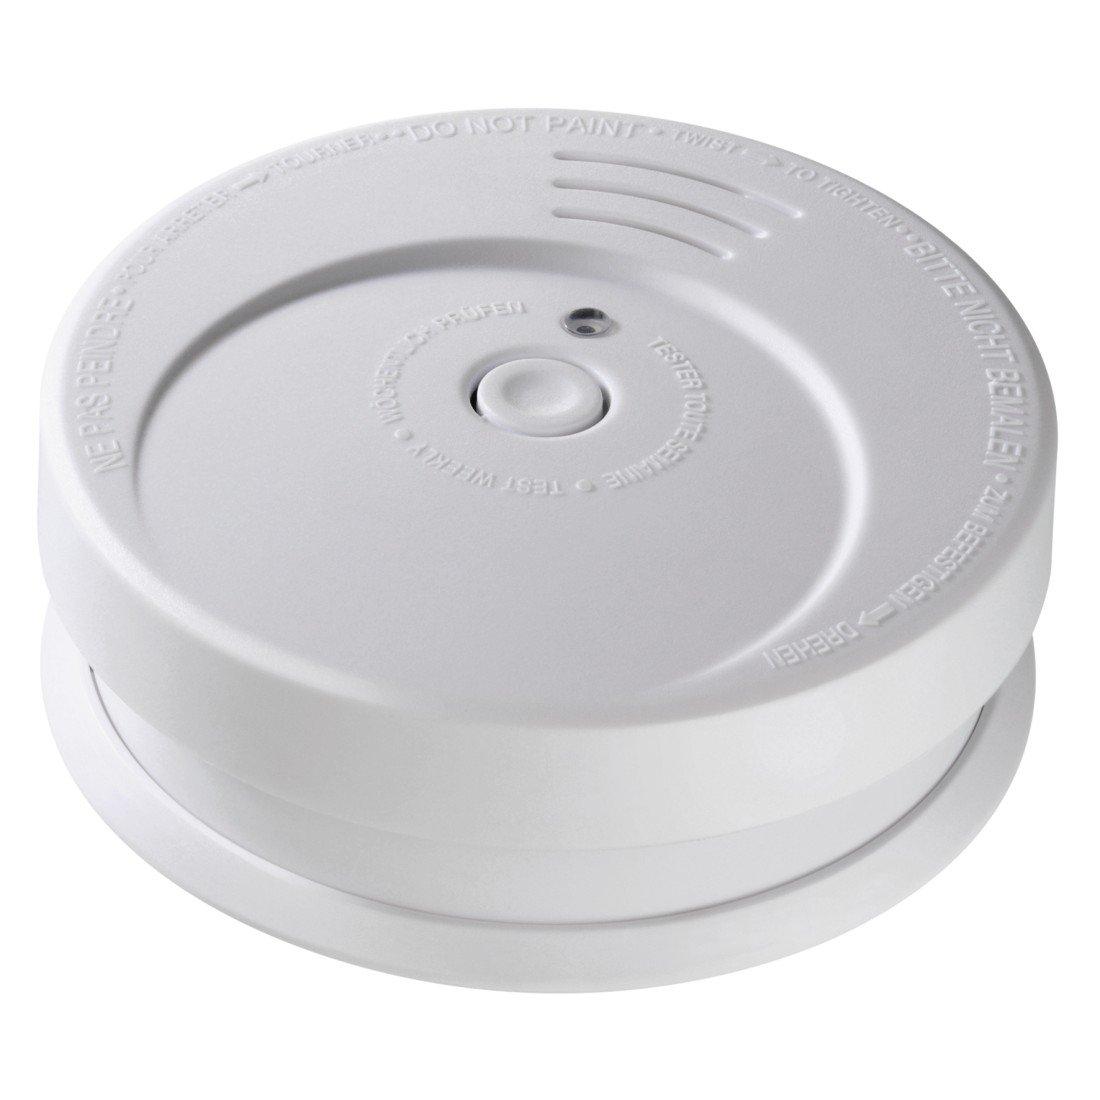 Hama Rauchmelder Feuermelder (85 dB Alarm, optischer Sensor, Testtaste, Kontroll-LED, Batteriewarnung, inkl. Batterie) Brandmelder weiß